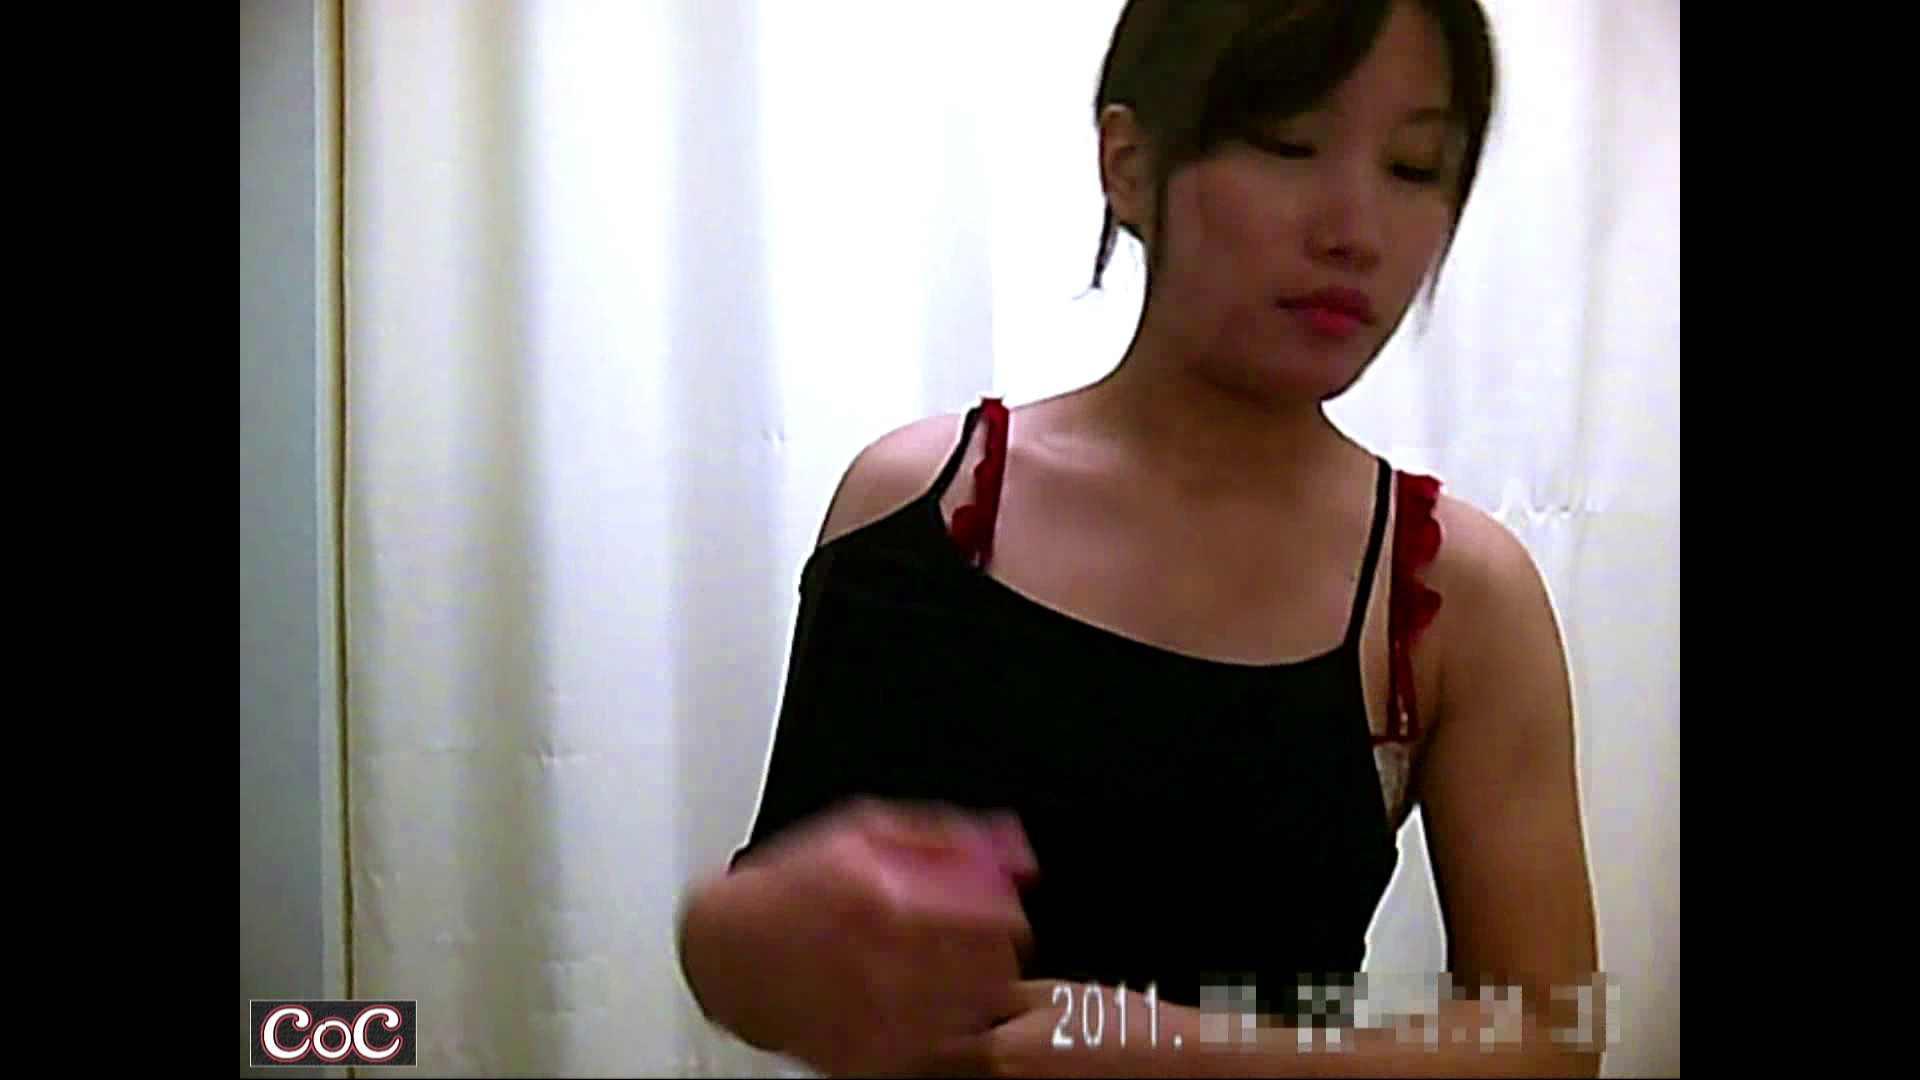 元医者による反抗 更衣室地獄絵巻 vol.263 OLハメ撮り  38Pix 30